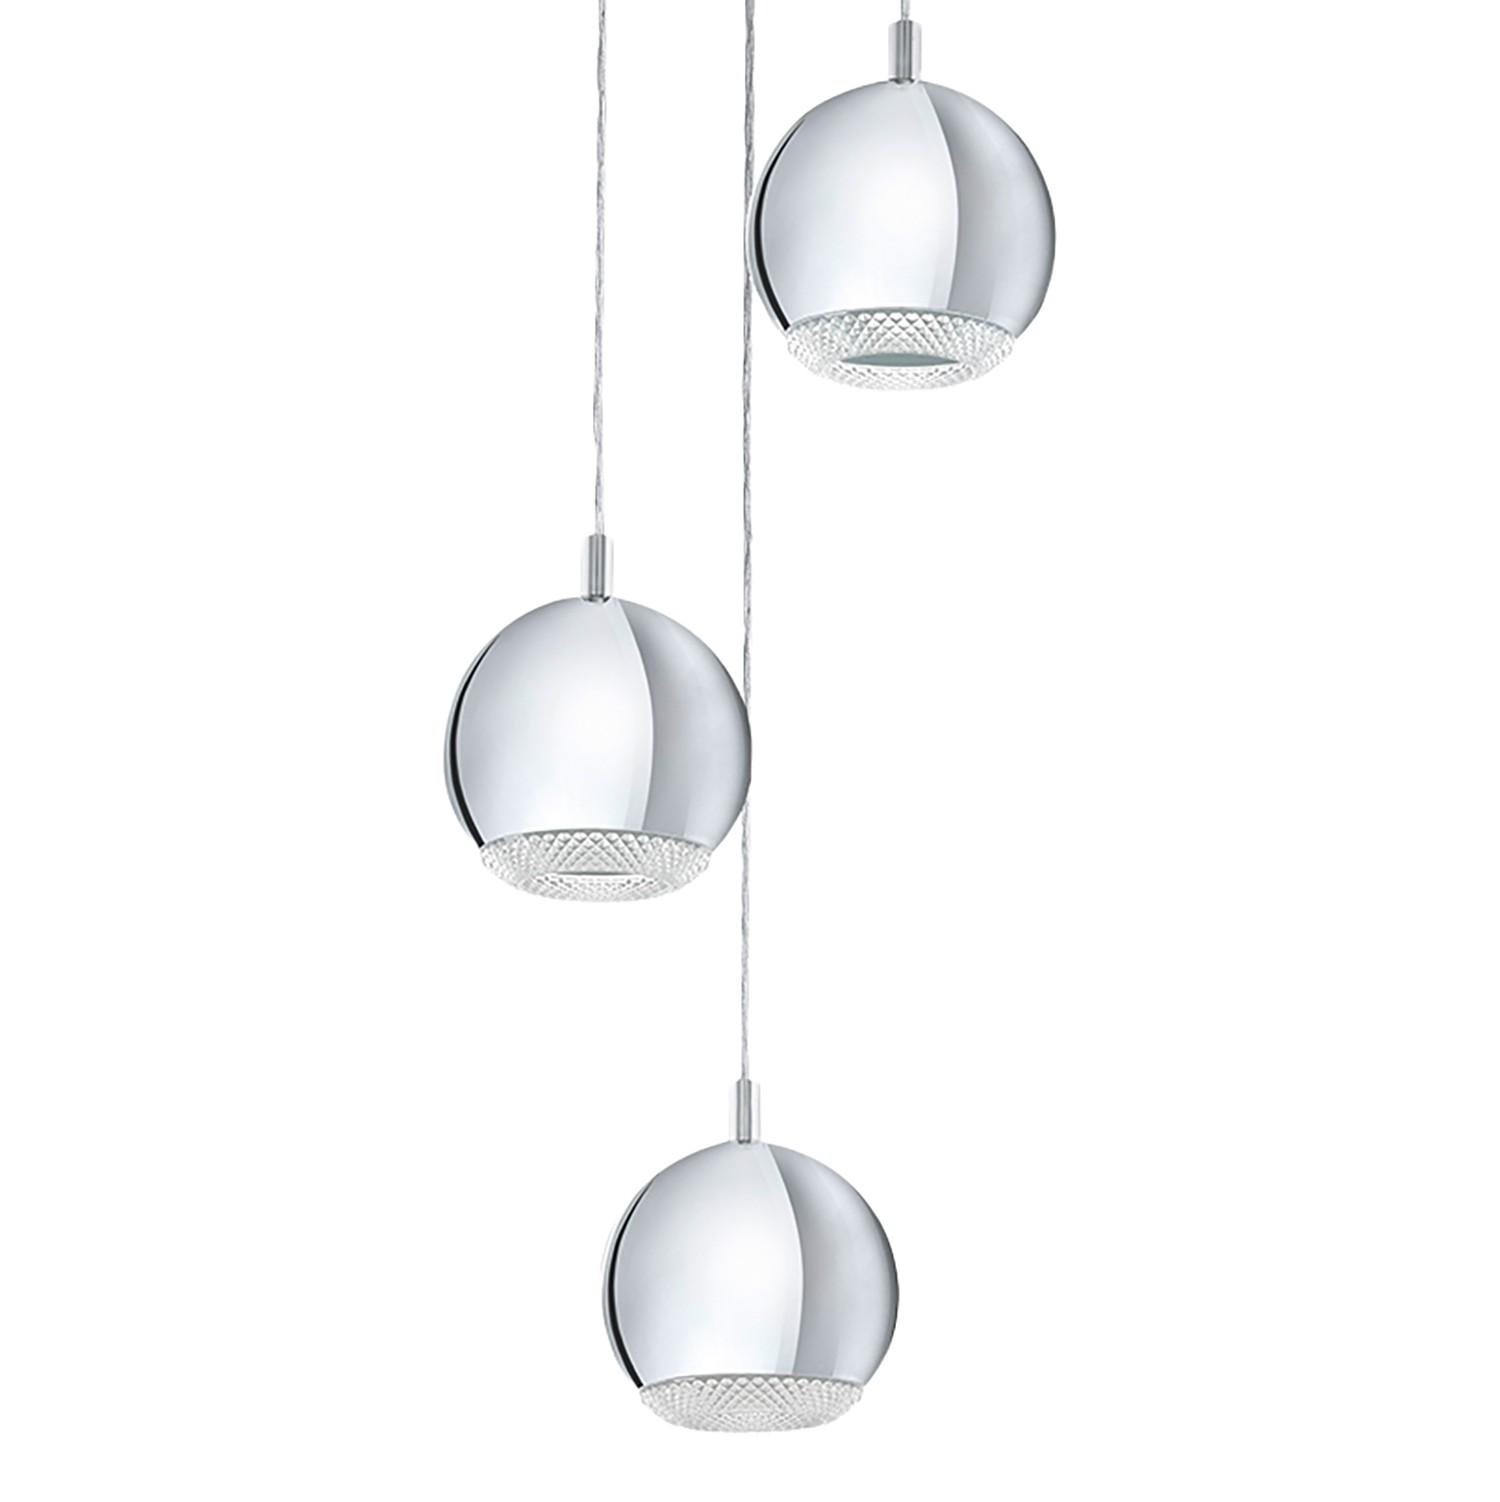 home24 LED-Pendelleuchte Conessa III